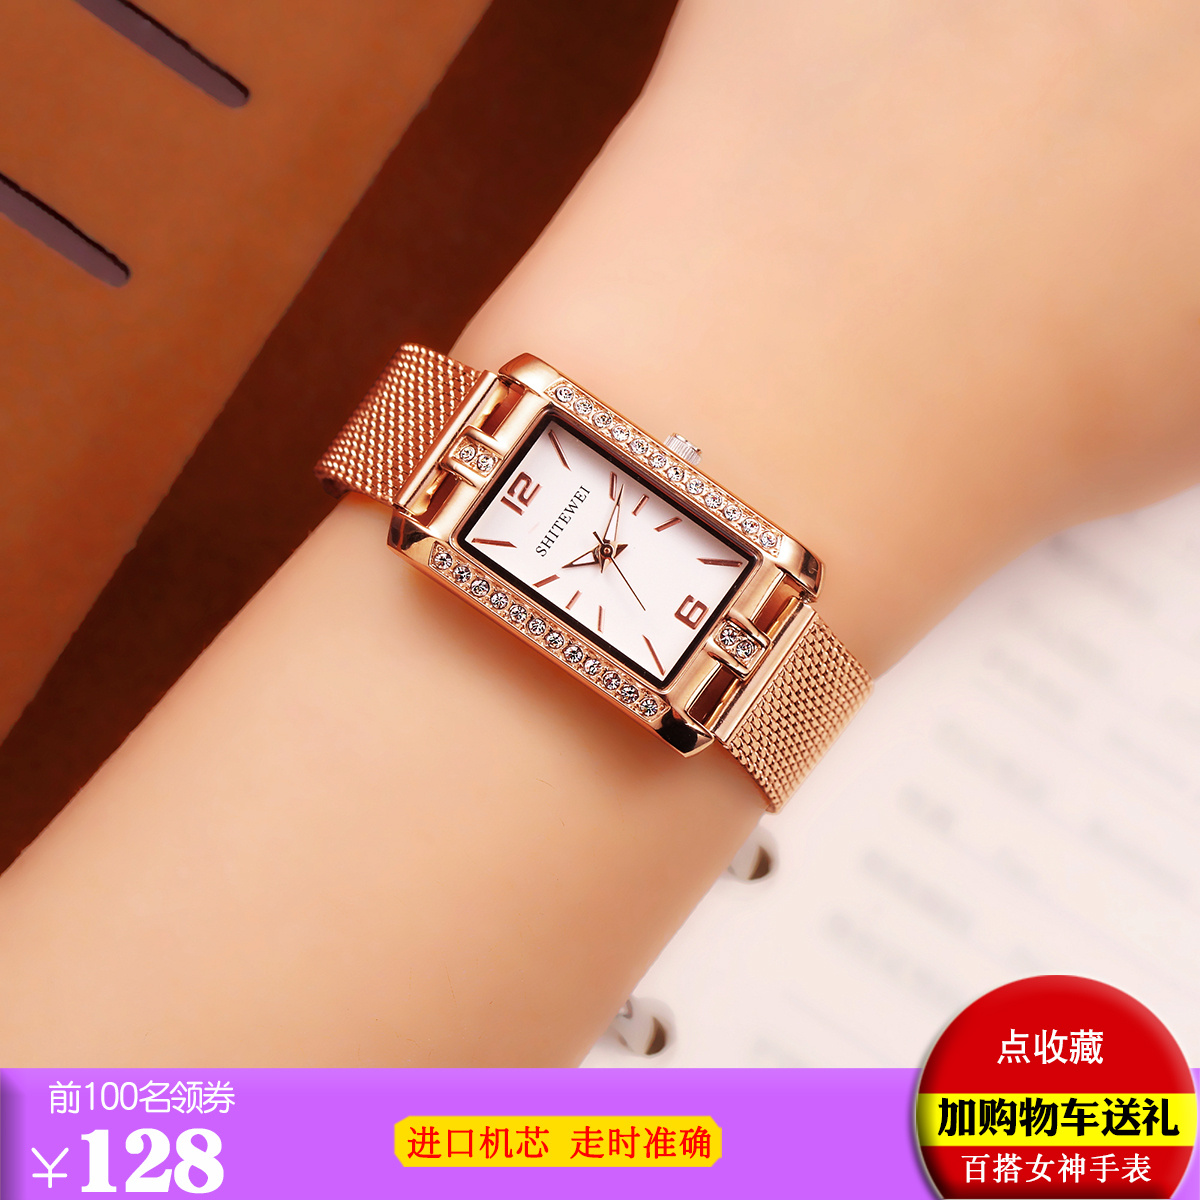 新款个性女手表防水正品石英表简约气质女表百搭钢带女生手表韩版